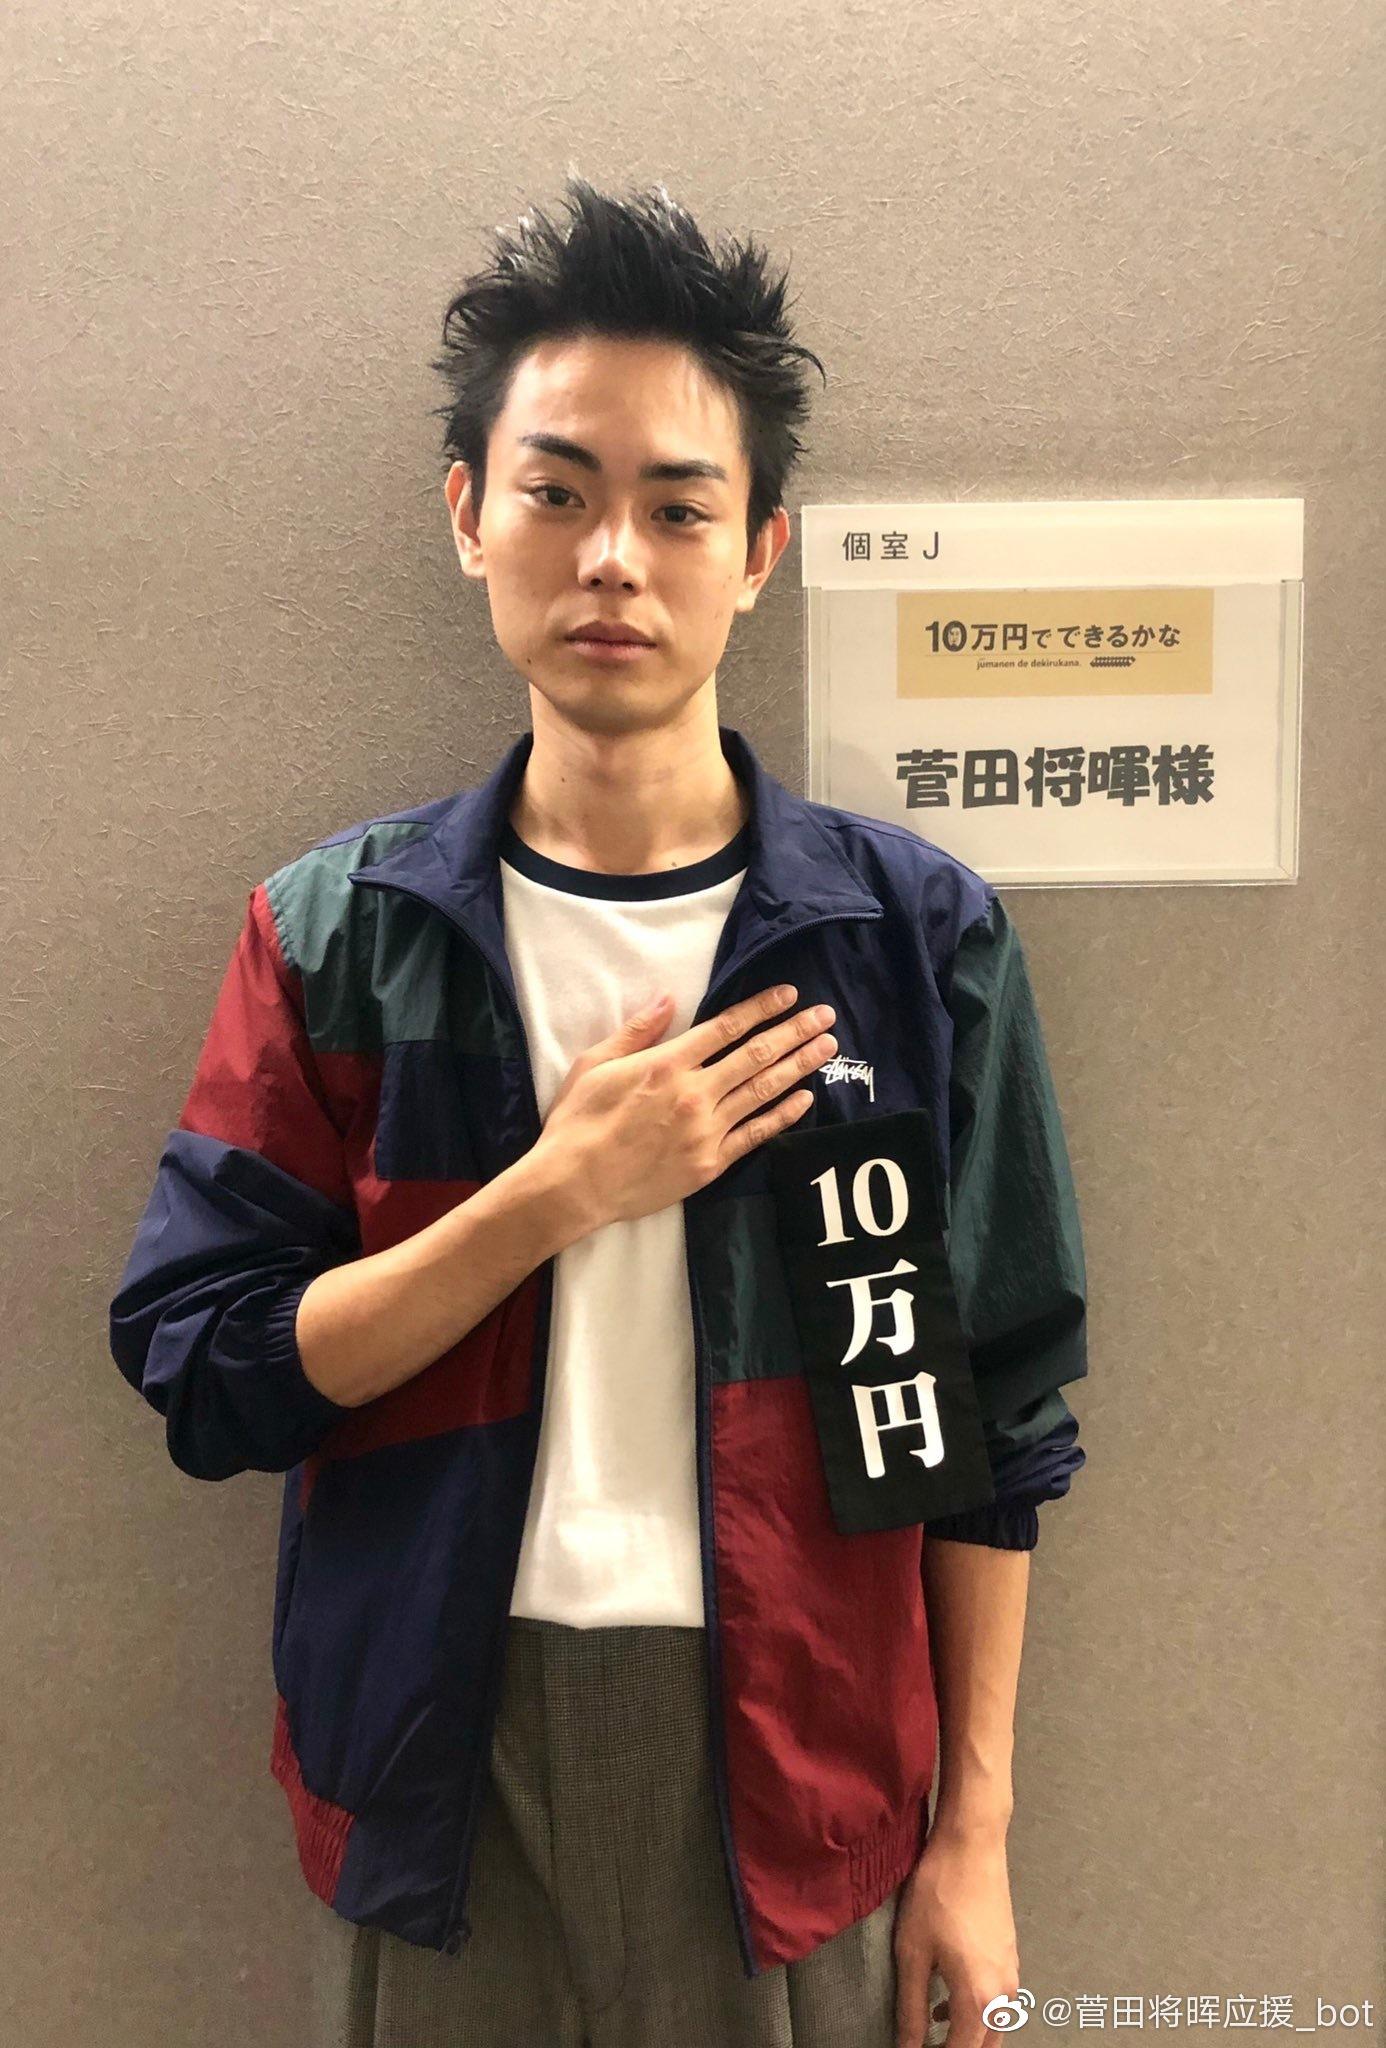 【节目情报】EX「10万円でできるかな」出演2019年9月2日(月)东京时间20:30~